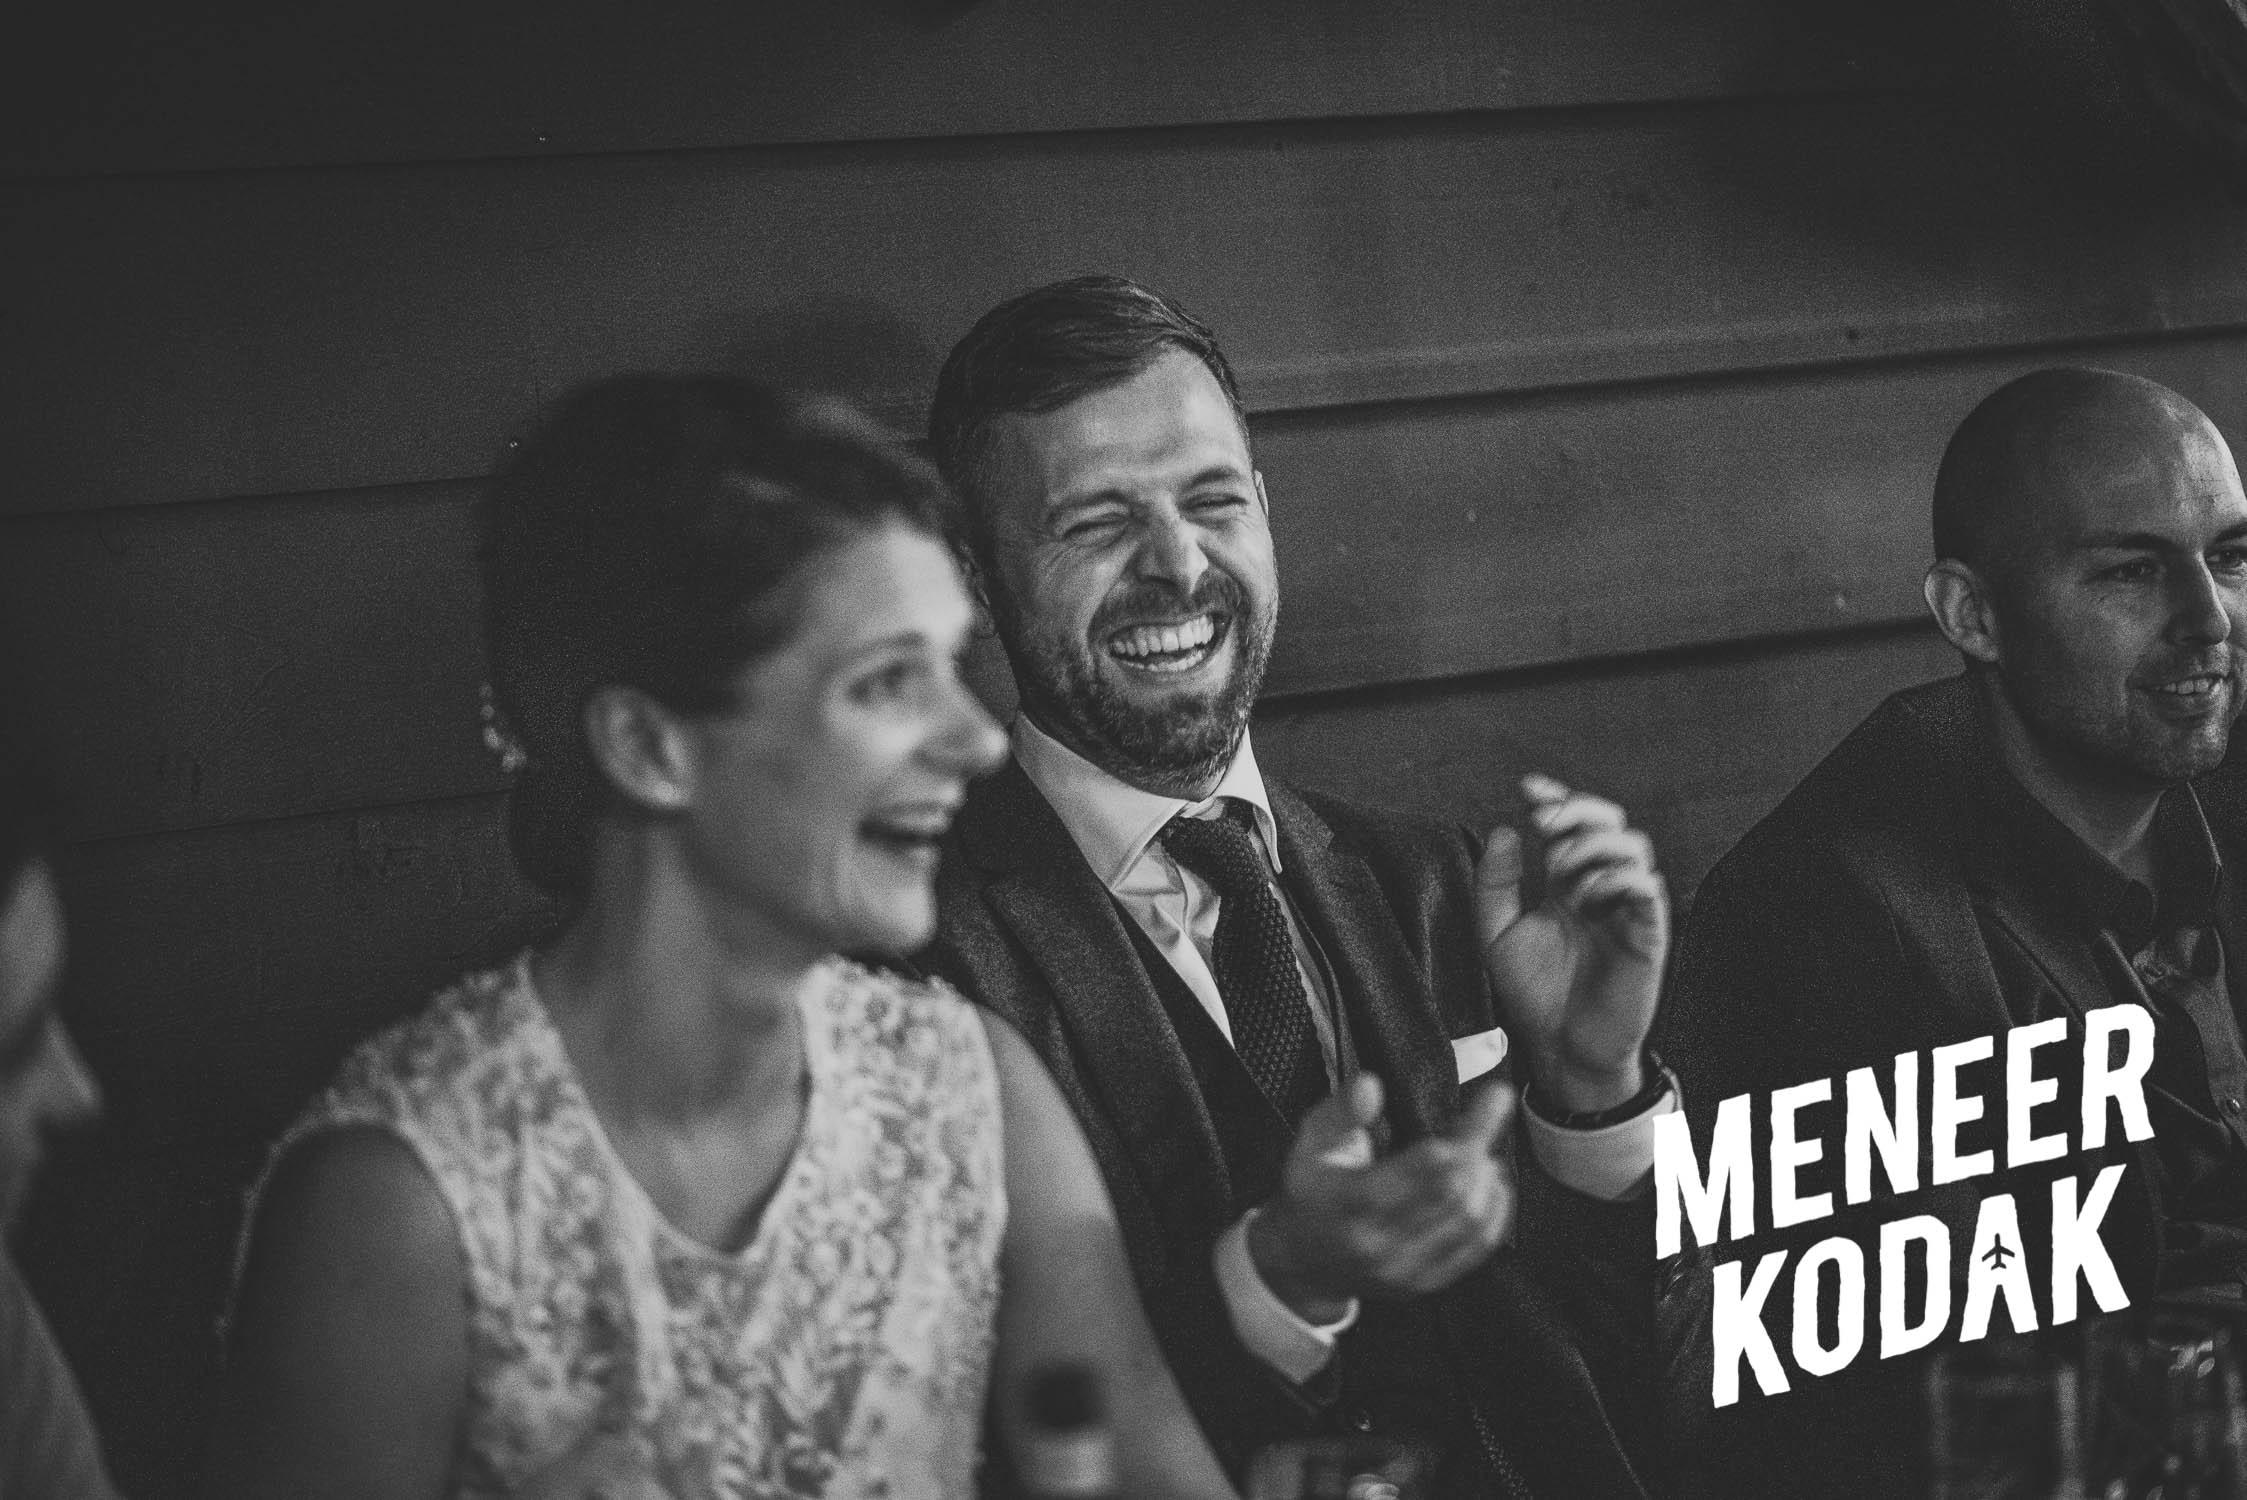 Meneer Kodak - Bruidsfotograaf - Breda - S&R-085.jpg